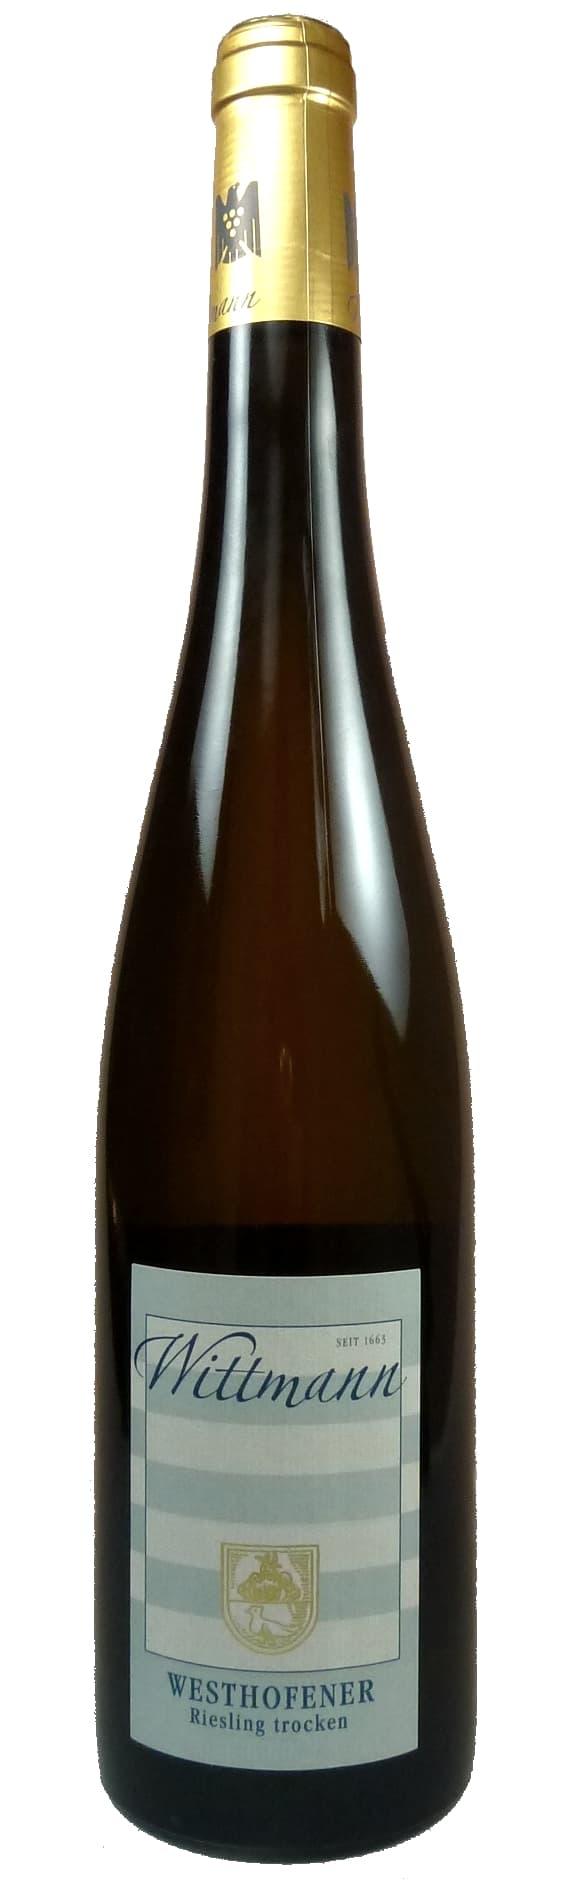 Westhofener Riesling Qualitätswein trocken 2017